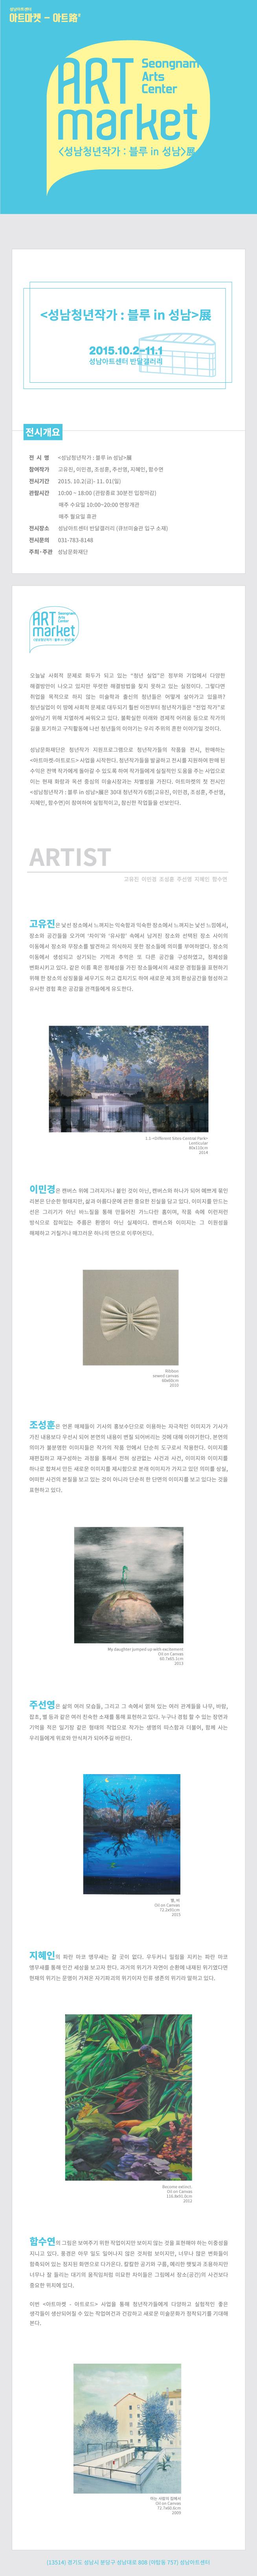 성남아트센터 아트마켓 ? 아트路(로) Seongnam Arts Center ART market 성남청년작가:블루 in 성남展  성남청년작가:블루in성남展 2015.10.2.-11.1 성남아트센터 반달갤러리  전시개요 전시명 | 성남청년작가:블루 in 성남展 참여작가 | 고유진, 이민경, 조성훈, 주선영, 지혜인, 함수연 전시기간 | 2015.10.2.(금) - 11.01(일) 관람시간 | 10:00 ~ 18:00 (관람종료 30분전 입장마감)   매주 수요일 10:00~20:00 연장개관   매주 월요일 휴관 전시장소 | 성남아트센터 반달갤러리 (큐브미술관 입구 소재) 전시문의 | 031-783-8148 주최·주관 | 성남문화재단  오늘날 사회적 문제로 화두가 되고 있는 청년 실업은 정부와 기업에서 다양한 해결방안이 나오고 있지만 뚜렷한 해결방법을 찾지 못하고 있는 실정이다. 그렇다면 취업을 목적으로 하지 않는 미술학과 출신의 청년들은 어떻게 살아가고 있을까? 청년실업이 이 땅에 사회적 문제로 대두되기 훨씬 이전부터 청년작가들은 전업 작가로 살아남기 위해 치열하게 싸워오고 있다. 불확실한 미래와 경제적 어려움 등으로 작가의 길을 포기하고 구직활동에 나선 청년들의 이야기는 우리 주위의 흔한 이야기일 것이다. 성남문화재단은 청년작가 지원프로그램으로 청년작가들의 작품을 전시, 판매하는 아트마켓-아트로드 사업을 시작한다.청년작가들을 발굴하고 전시를 지원하여 판매 된 수익은 전액 작가에게 돌아갈 수 있도록 하여 작가들에게 실질적인 도움을 주는 사업으로 이는 현재 화랑과 옥션 중심의 미술시장과는 차별성을 가진다. 아트마켓의 첫 전시인 성남청년작가:블루 in 성남展은 30대 청년작가 6명(고유진, 이민경, 조성훈, 주선영, 지혜인, 함수연)이 참여하여 실험적이고, 참신한 작업들을 선보인다.  ARTIST (고유진, 이민경, 조성훈, 주선영, 지혜인, 함수연) 고유진은 낯선 장소에서 느껴지는 익숙함과 익숙한 장소에서 느껴지는 낯선 느낌에서, 장소와 공간들을 오가며 차이와 유사함속에서 남겨진 장소와 선택된 장소 사이의 이동에서 장소와 무장소를 발견하고 의식하지 못한 장소들에 의미를 부여하였다. 장소의 이동에서 생성되고 상기되는 기억과 추억은 또 다른 공간을 구성하였고, 정체성을 변화시키고 있다. 같은 이름 혹은 정체성을 가진 장소들에서의 새로운 경험들을 표현하기 위해 한 장소의 상징물을 세우기도 하고 겹치기도 하여 새로운 제 3의 환상공간을 형성하고 유사한 경험 혹은 공감을 관객들에게 유도한다. 이민경은 캔버스 위에 그려지거나 붙인 것이 아닌,캔버스와 하나가 되어 예쁘게 묶인 리본은 단순한 형태지만, 삶과 아름다움에 관한 중요한 진실을 담고 있다. 이미지를 만드는 선은 그리기가 아닌 바느질을 통해 만들어진 가느다란 홈이며, 작품 속에 이런저런 방식으로 잡혀있는 주름은 환영이 아닌 실제이다. 캔버스와 이미지는 그 이원성을 해체하고 거칠거나 매끄러운 하나의 면으로 이루어진다. 조성훈은 언론 매체들이 기사의 홍보수단으로 이용하는 자극적인 이미지가 기사가 가진 내용보다 우선시 되어 본연의 내용이 변질 되어버리는 것에 대해 이야기한다. 본연의 의미가 불분명한 이미지들은 작가의 작품 안에서 단순히 도구로서 작용한다. 이미지를 재편집하고 재구성하는 과정을 통해서 전혀 상관없는 사건과 사건, 이미지와 이미지를 하나로 합쳐서 만든 새로운 이미지를 제시함으로 본래 이미지가 가지고 있던 의미를 상실, 어떠한 사건의 본질을 보고 있는 것이 아니라 단순히 한 단면의 이미지를 보고 있다는 것을 표현하고 있다. 주선영은 삶의 여러 모습들, 그리고 그 속에서 얽혀 있는 여러 관계들을 나무, 바람, 잡초, 별 등과 같은 여러 친숙한 소재를 통해 표현하고 있다. 누구나 경험 할 수 있는 장면과 기억을 적은 일기장 같은 형태의 작업으로 작가는 생명과 따스함과 더불어, 함께 사는 우리들에게 위로와 안식처가 되어주길 바란다. 지혜인의 파란 마코 앵무새는 갈 곳이 없다. 우두커니 밀림을 지키는 파란 마코 앵무새를 통해 인산 세상을 보고자 한다. 과거의 위기가 자연이 순